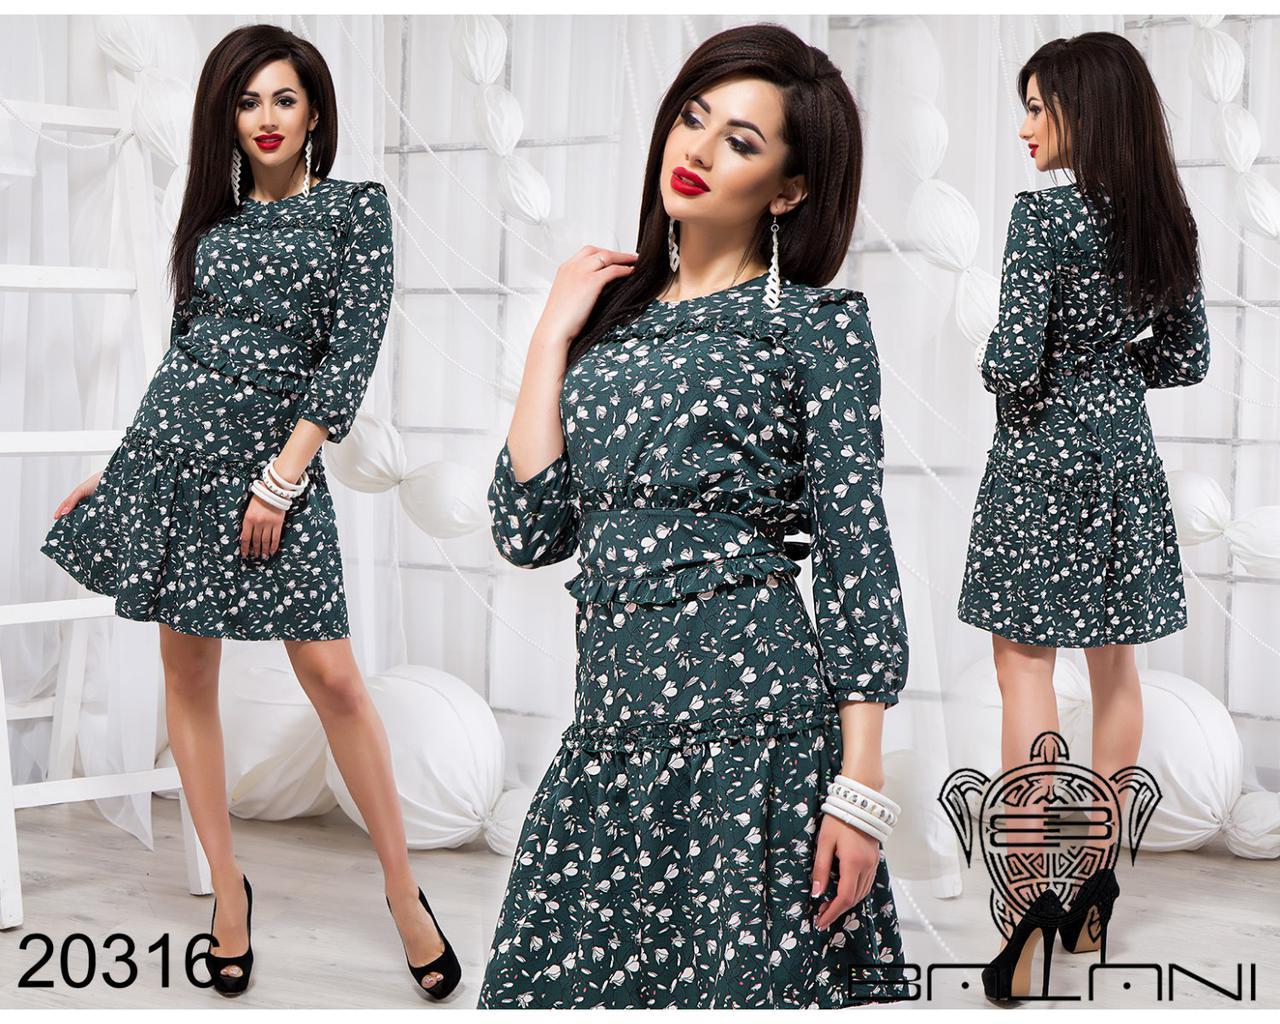 9b03830a900 Принтованое короткое платье с поясом Производитель украинская фабрика  доставка Россия СНГ р.42